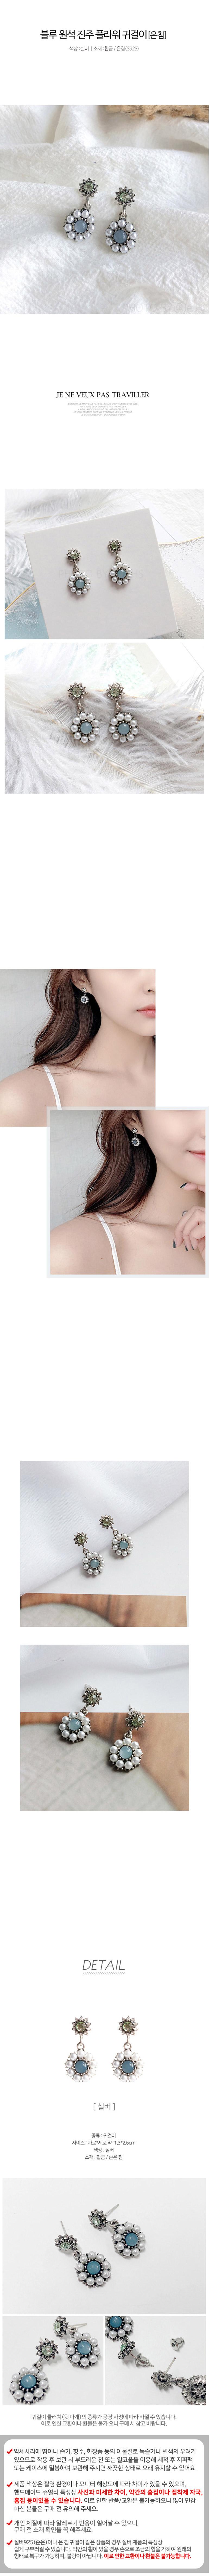 [은침]블루 원석 진주 플라워 귀걸이_IH - 마리엔코코, 10,900원, 실버, 링귀걸이